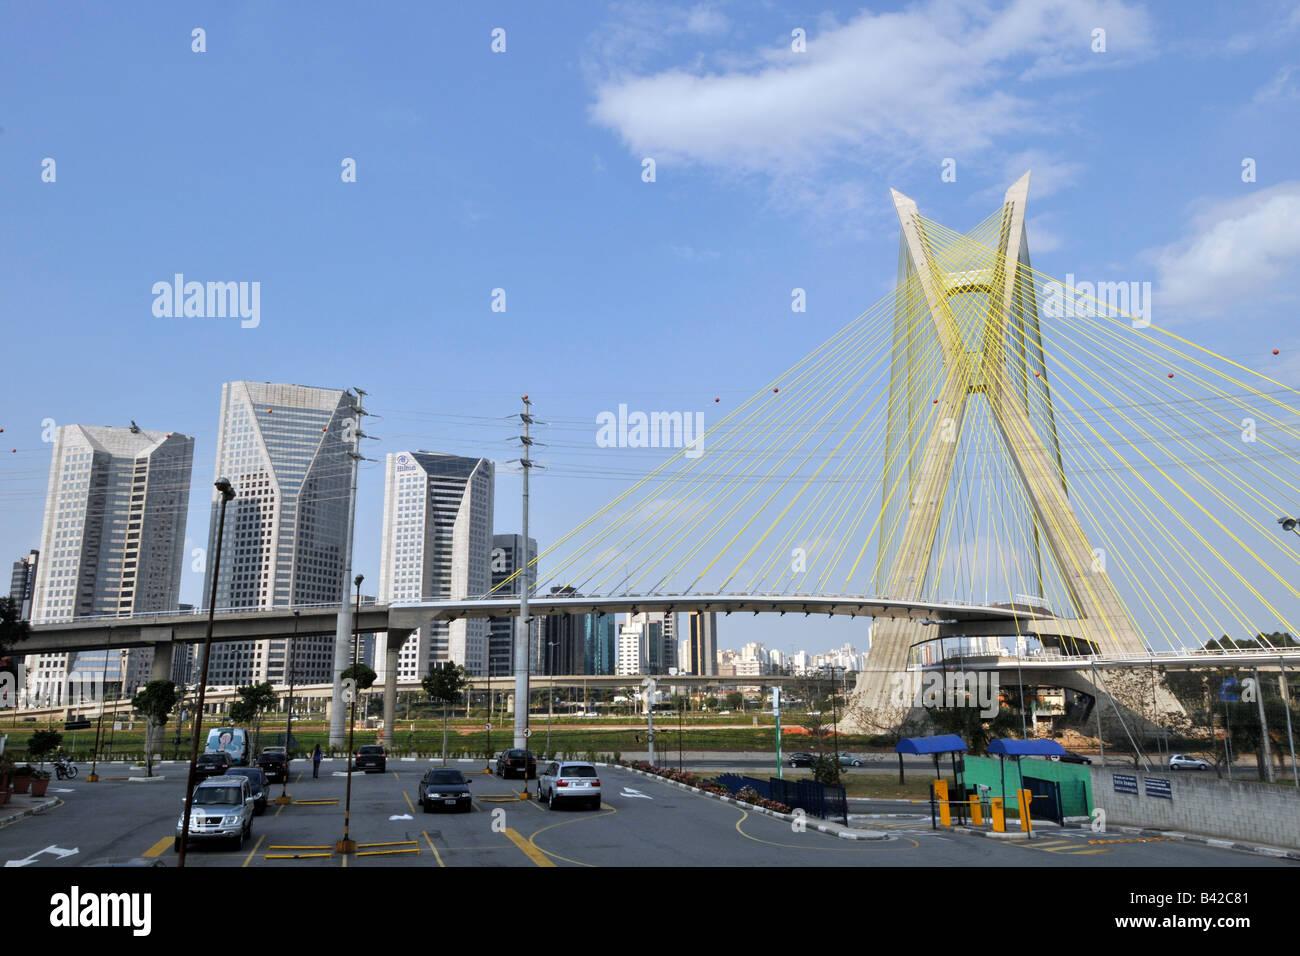 Octavio Frias sospensione ponte Sao Paulo in Brasile Immagini Stock